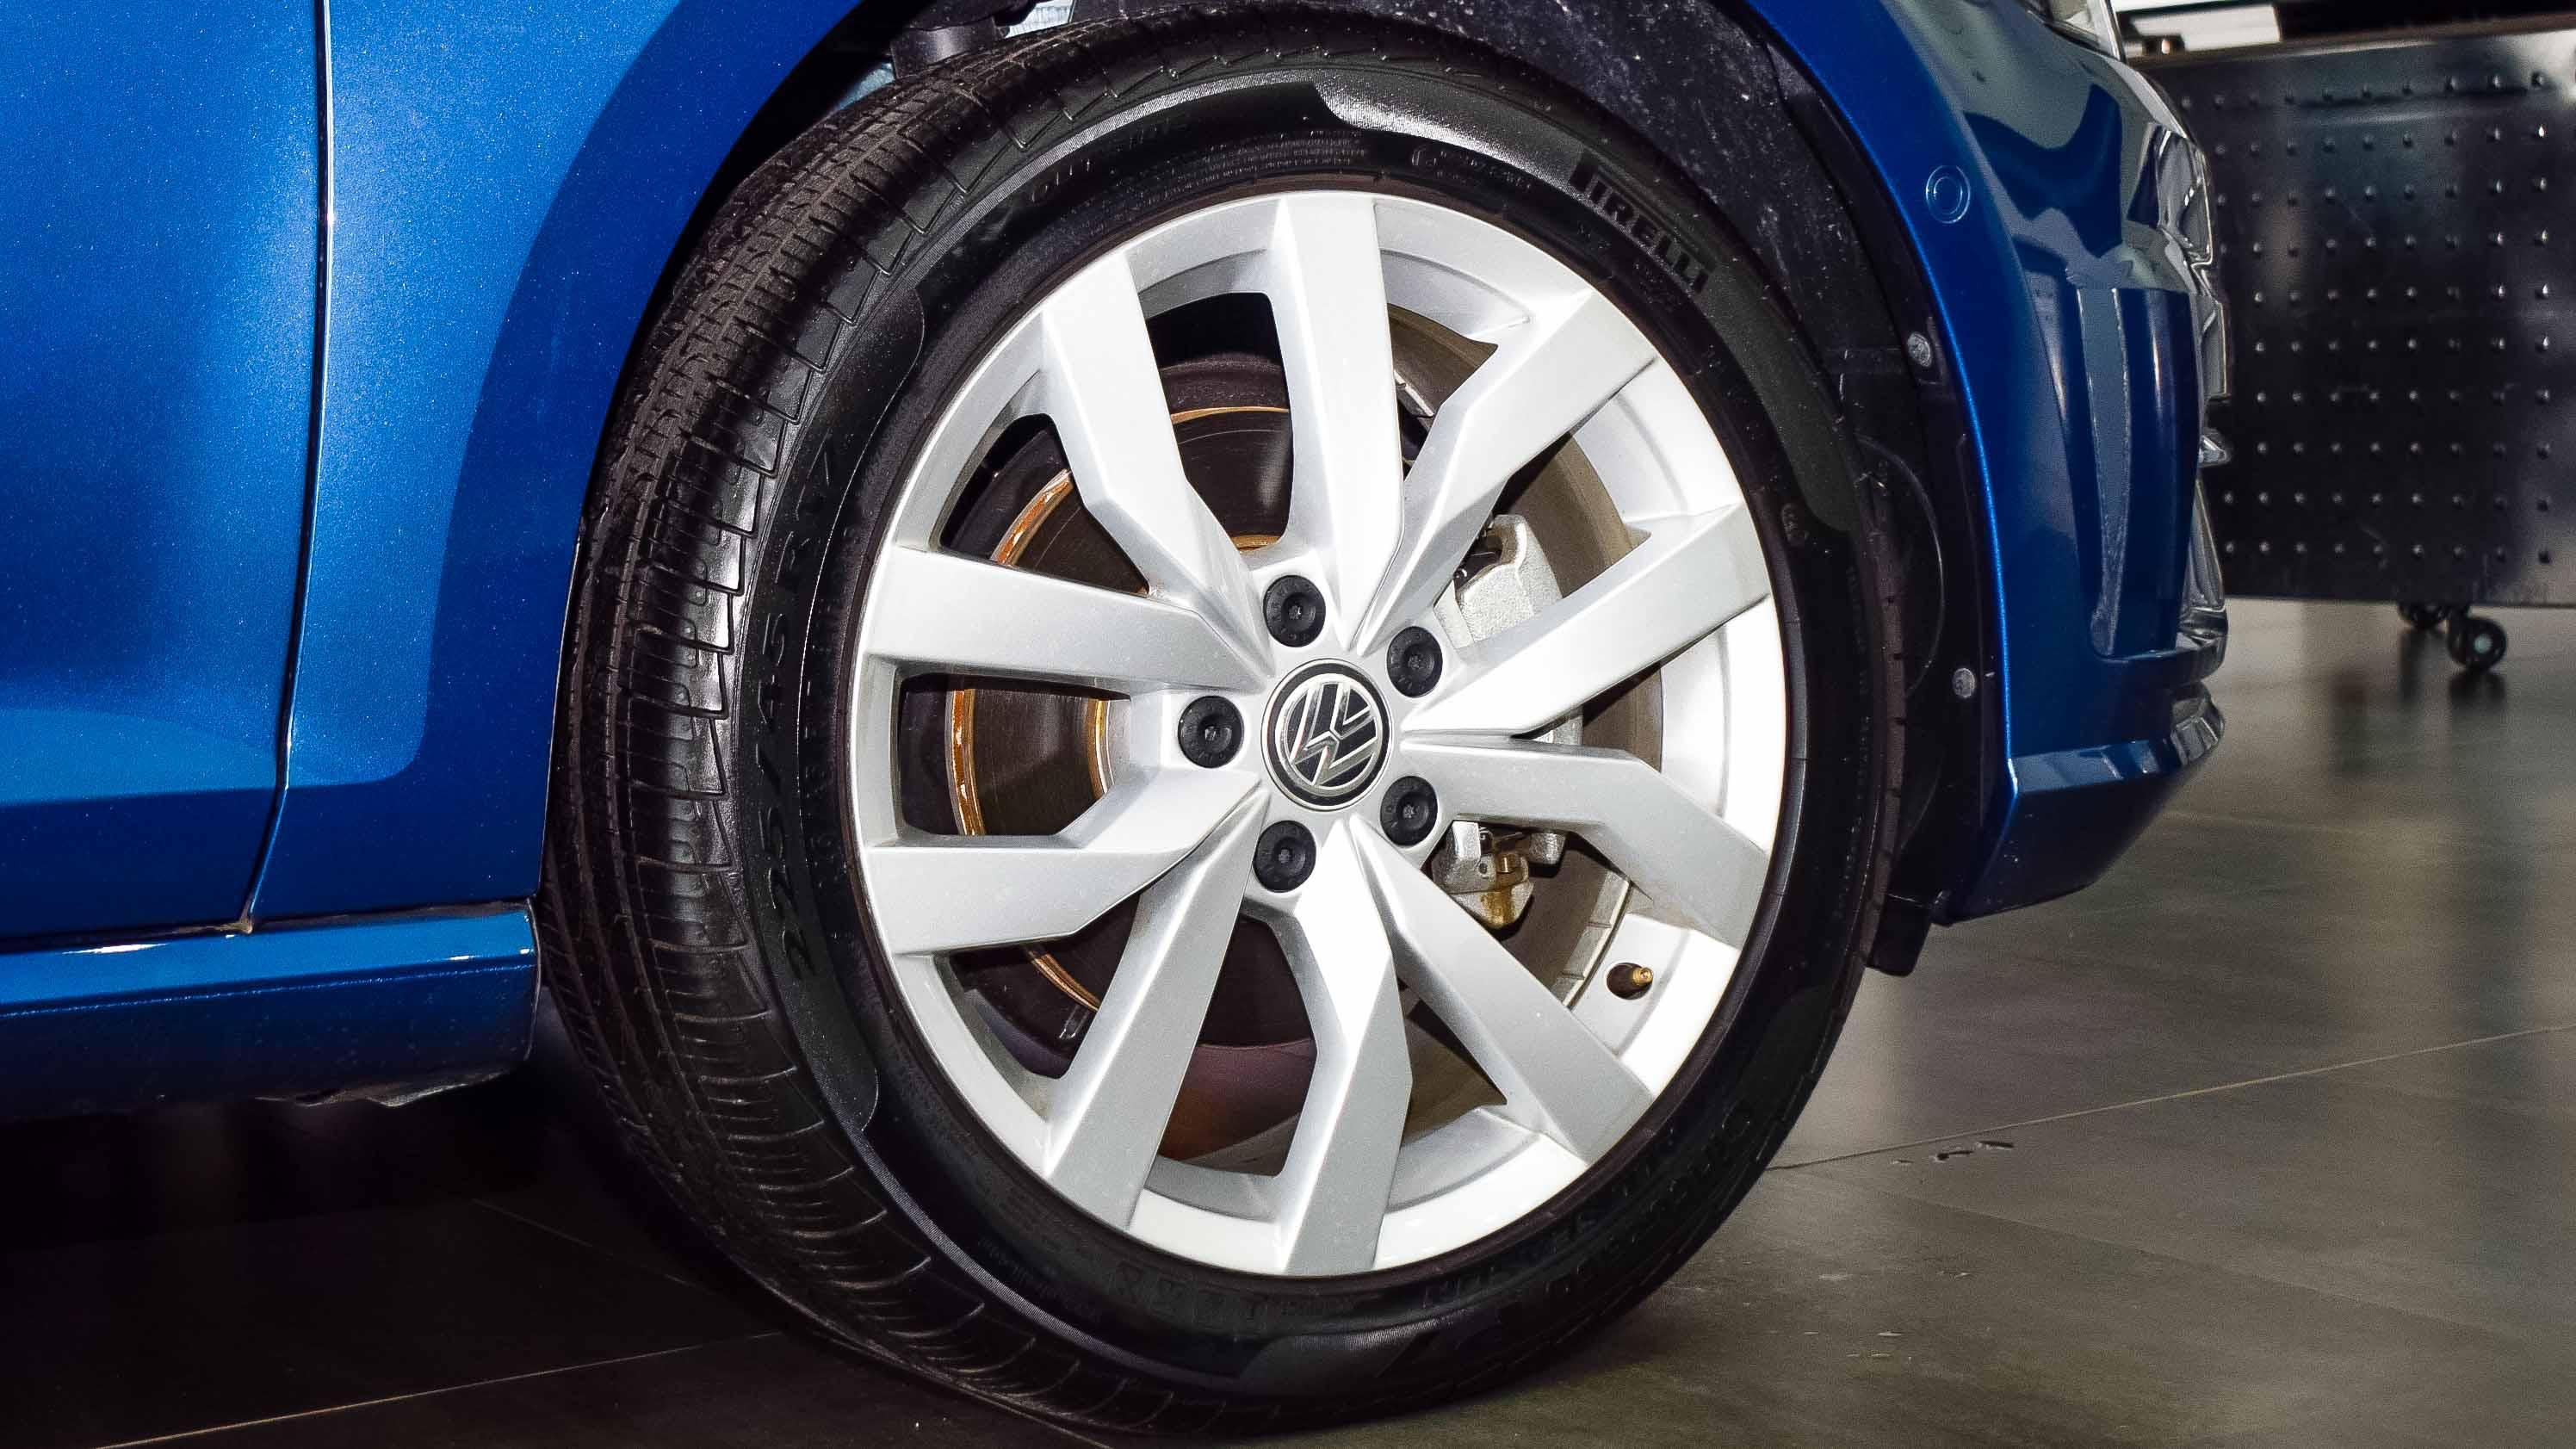 2019-Volkswagen-Golf-1.4-Blue-Beige-Canadian-Specifications-10.jpg